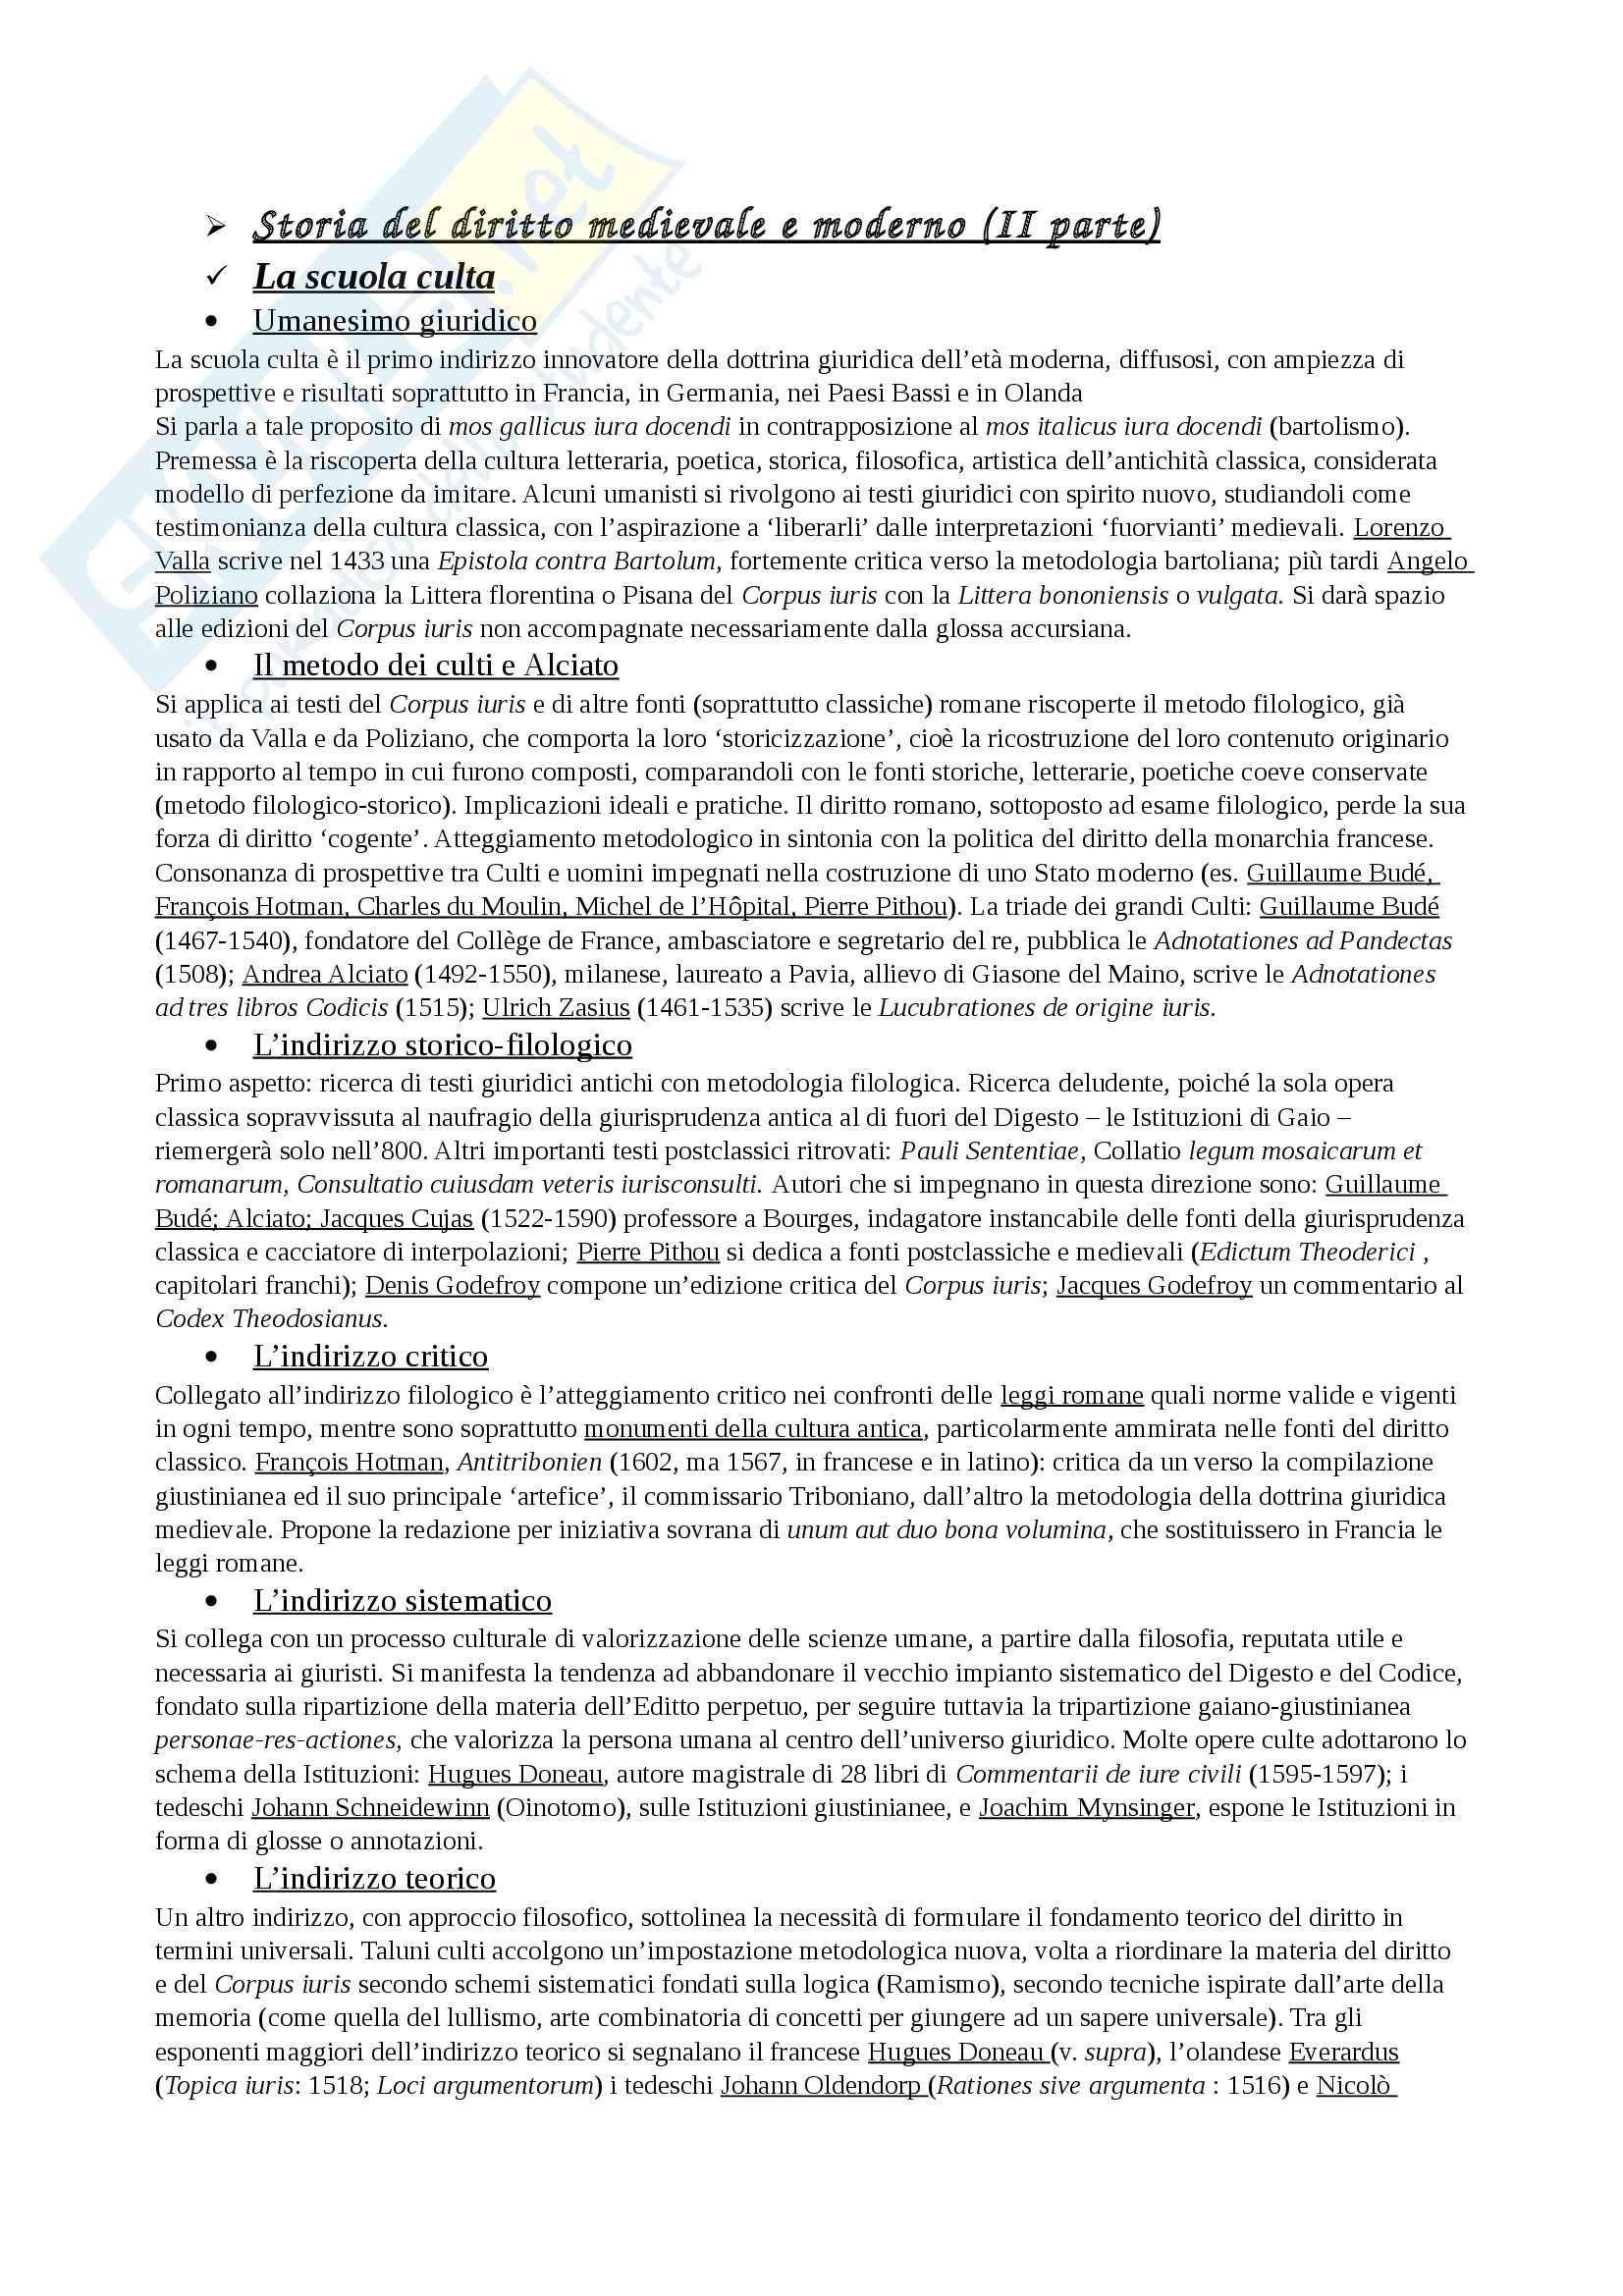 II parte, Storia del diritto medievale e moderno